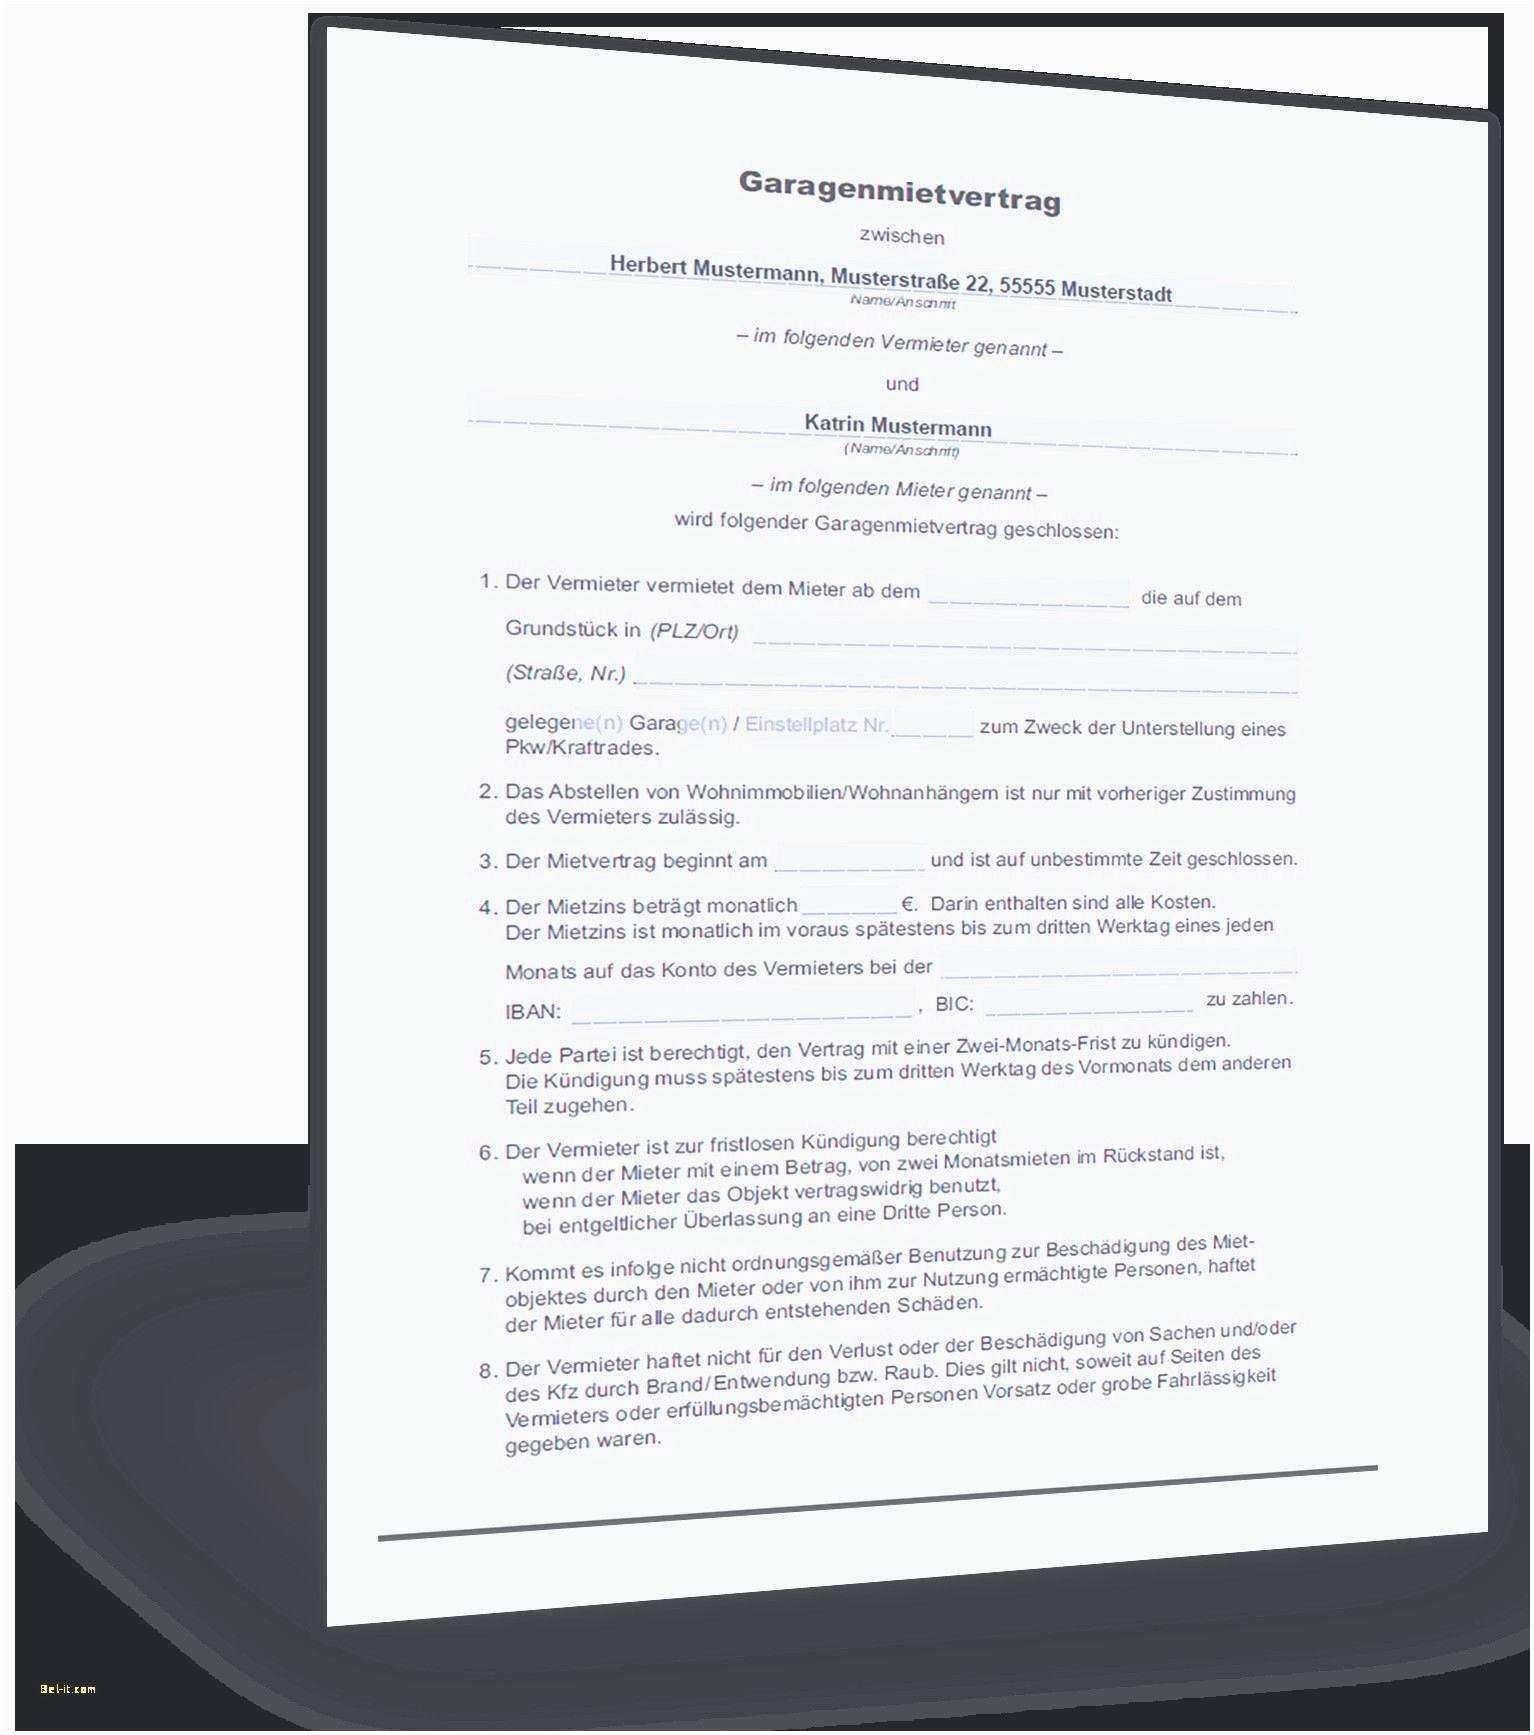 Regelmassigbemerkenswert Sonderkundigung Gas Preiserhohung Vorlage Vorlagen Word Lebenslauf Vorlagen Word Vorlagen